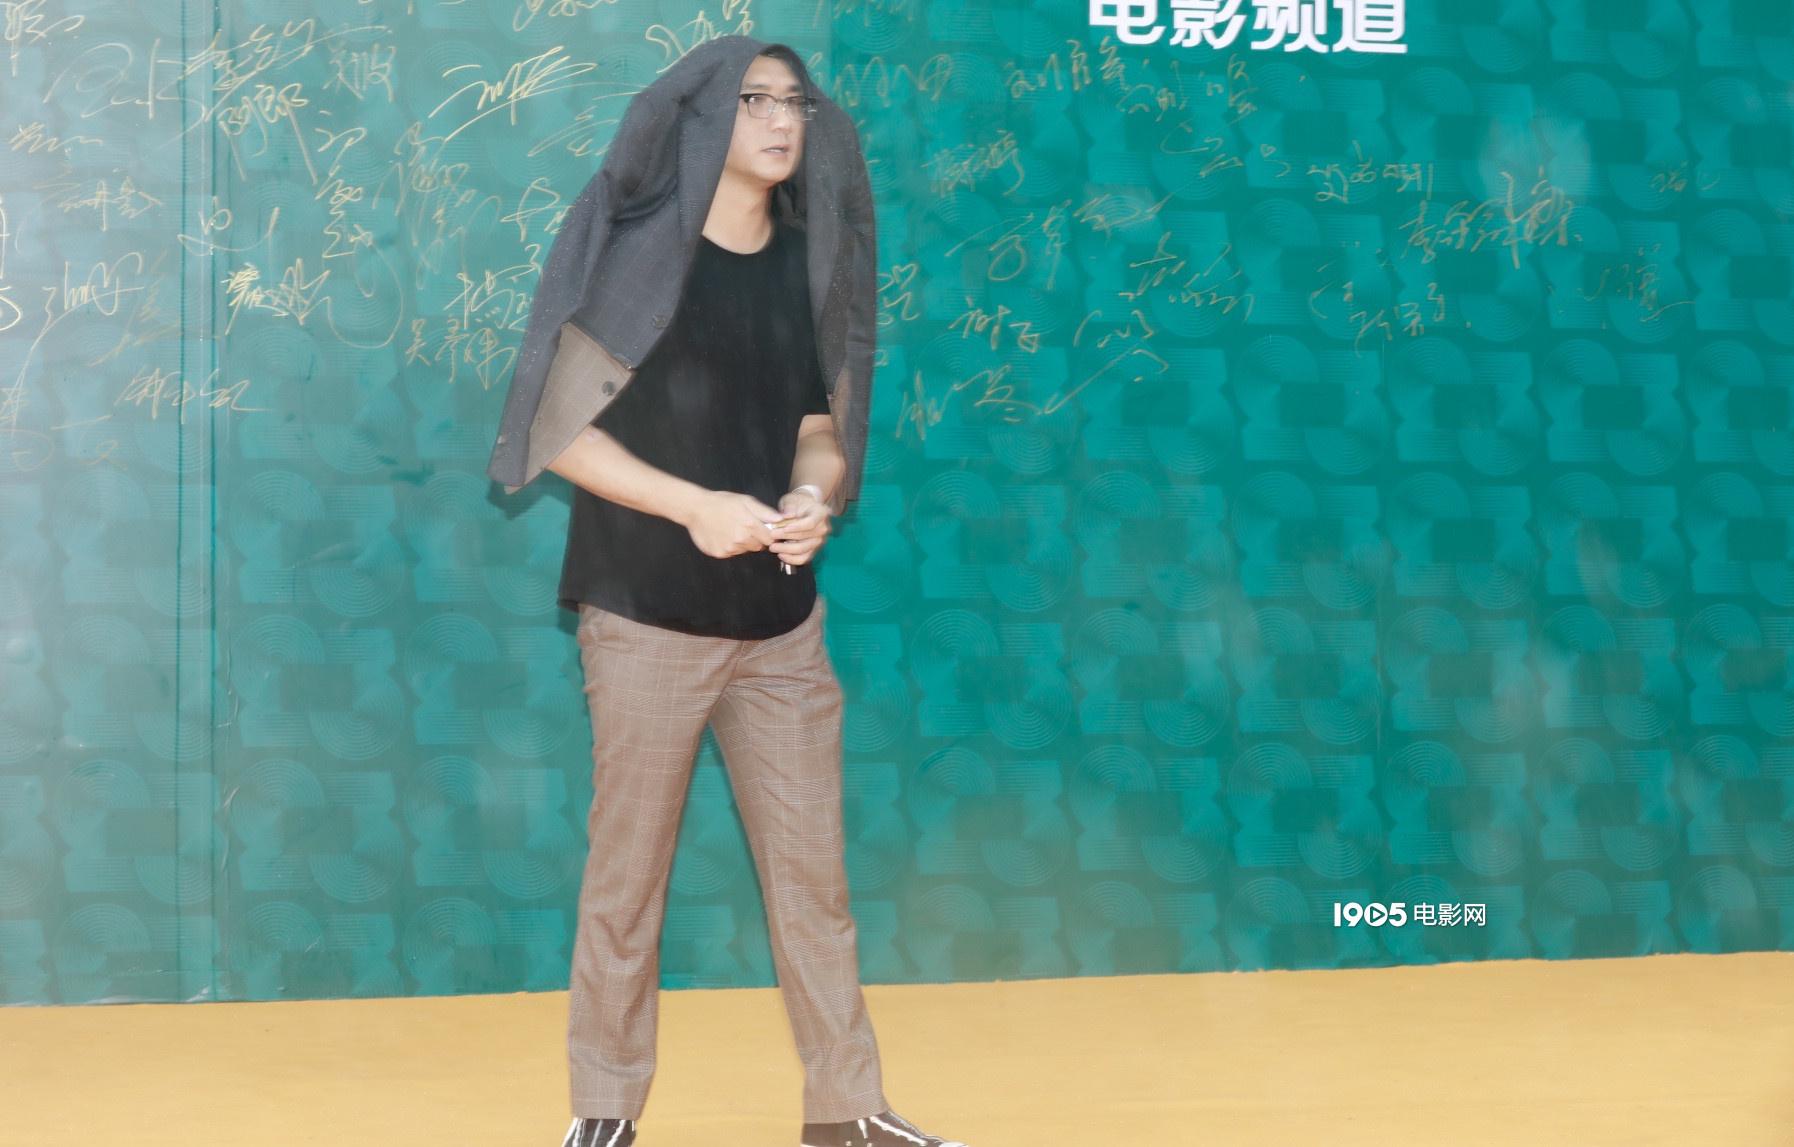 《【杏鑫平台佣金】淋雨一直走!黄觉外套蒙头挡雨造型恶搞趣味吸睛》